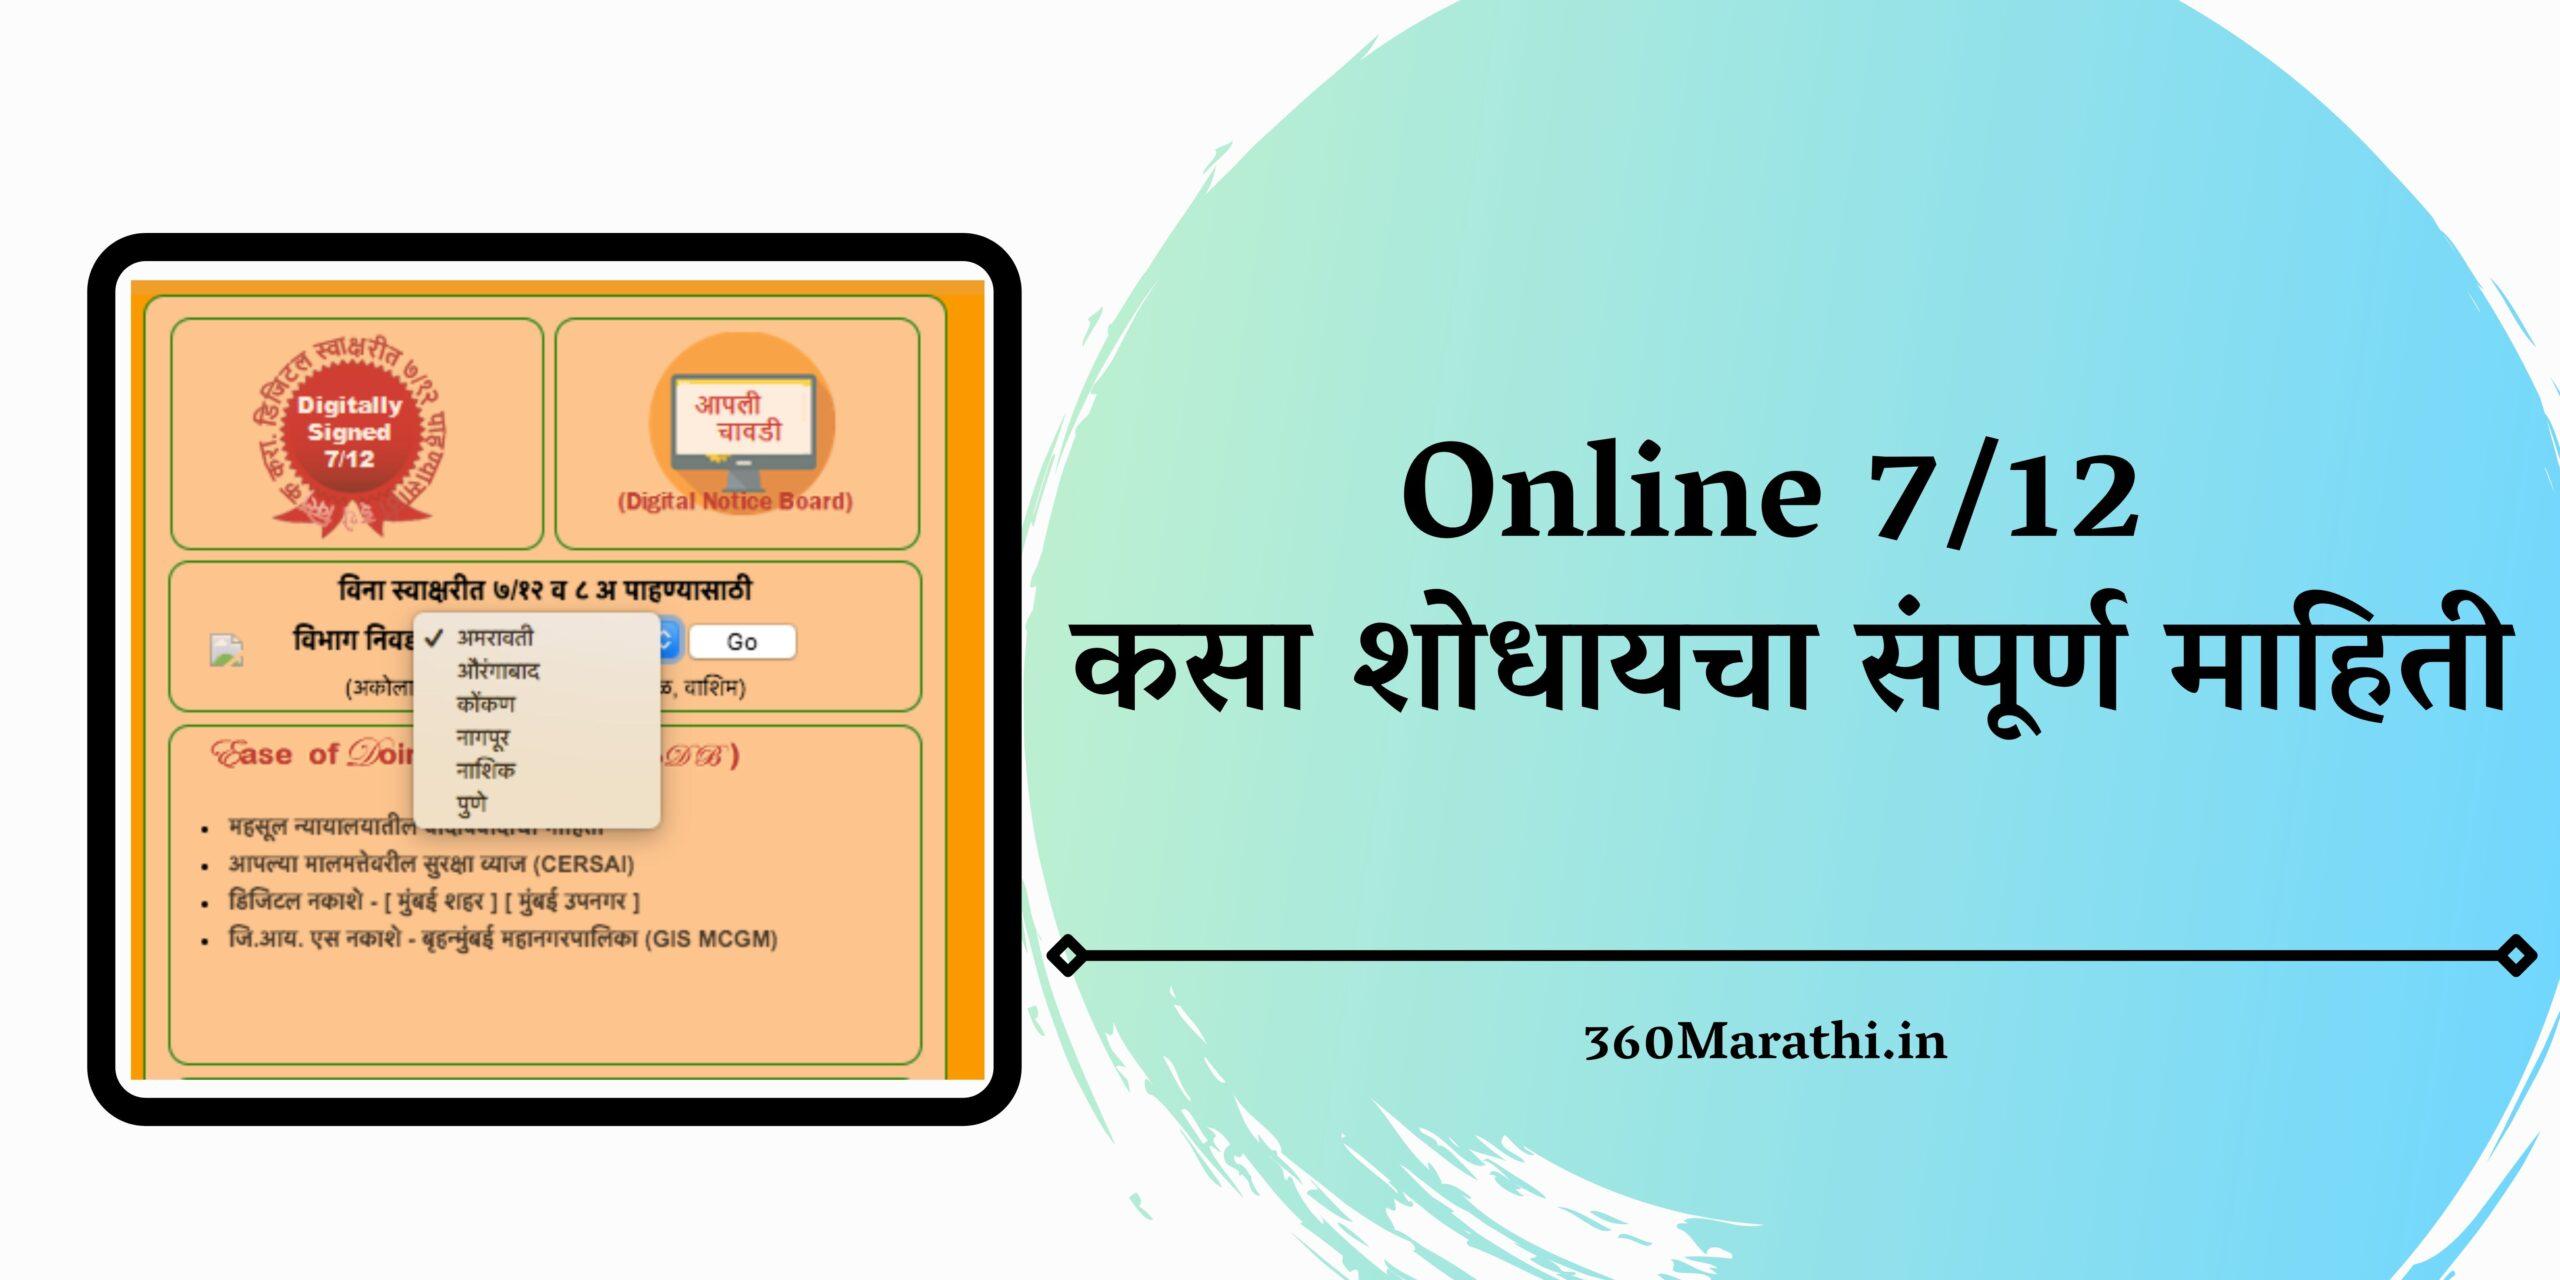 २ मिनिटात ७/१२ उतारा काढायला शिका | 7/12 Utara in Marathi Online | 7/12 कसा शोधायचा | ऑनलाइन सातबारा बघणे